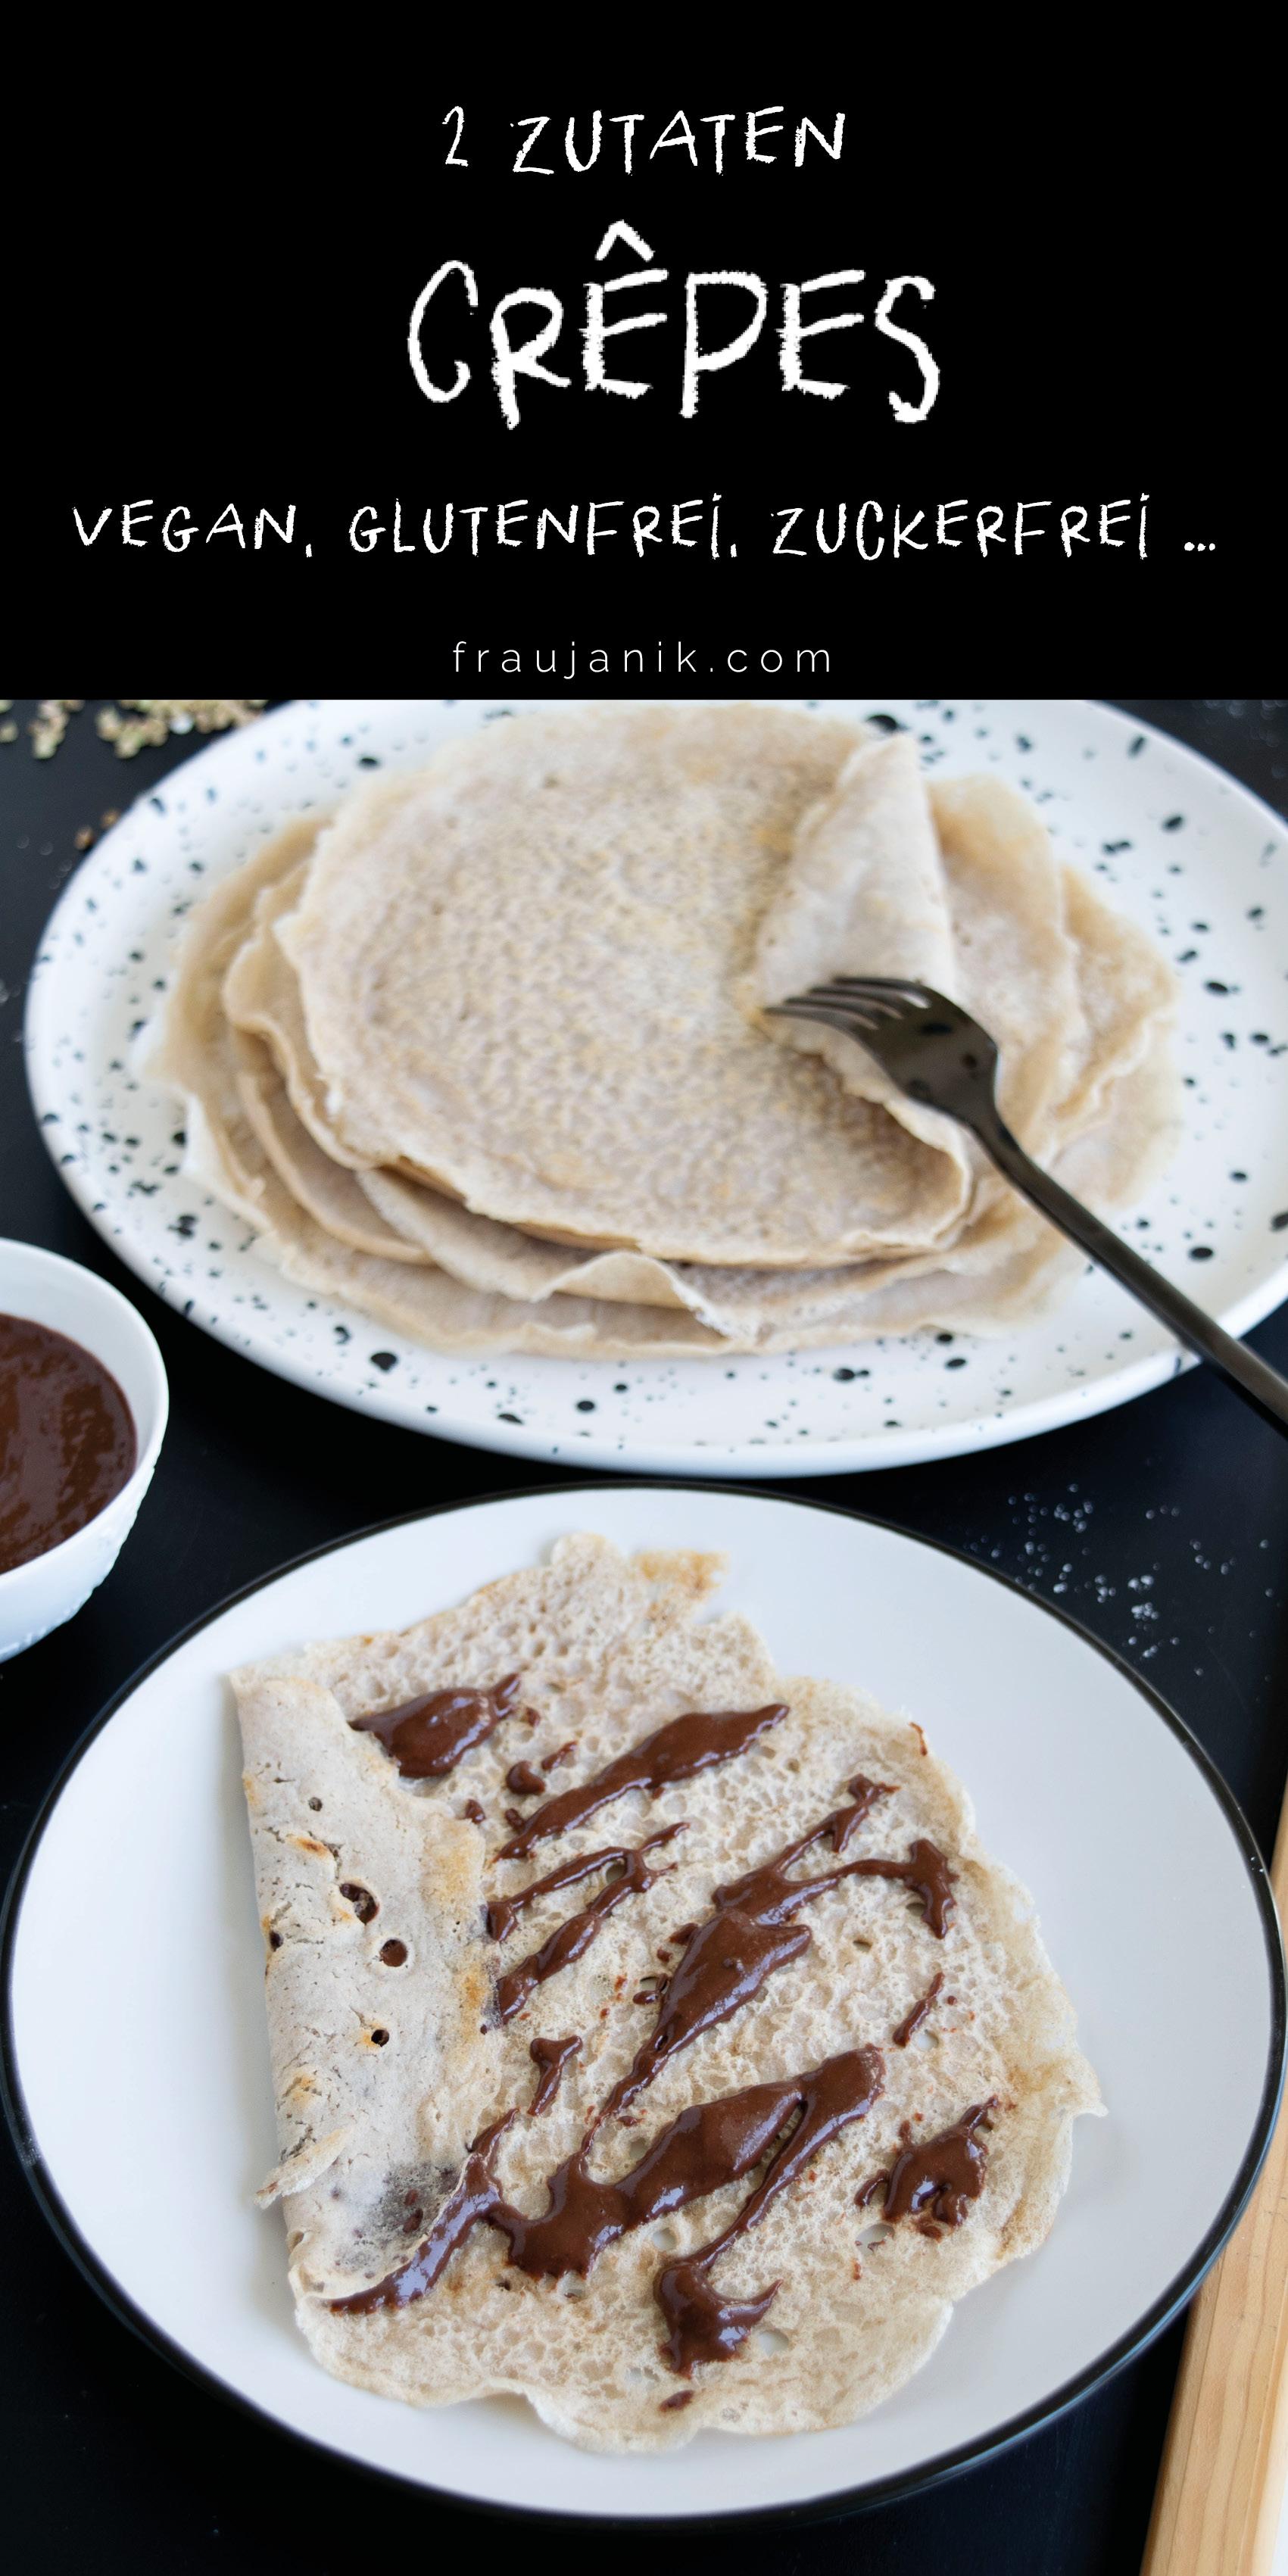 Vegane Crêpes mit nur zwei Zutaten, fraujanik, Blogger, Basel, Foodblog, ohne Zucker, Glutenfrei, mit Buchweizenmehl, schnell und einfach, proteinreich, gesund, salzig oder süss, ohne Küchenmaschine